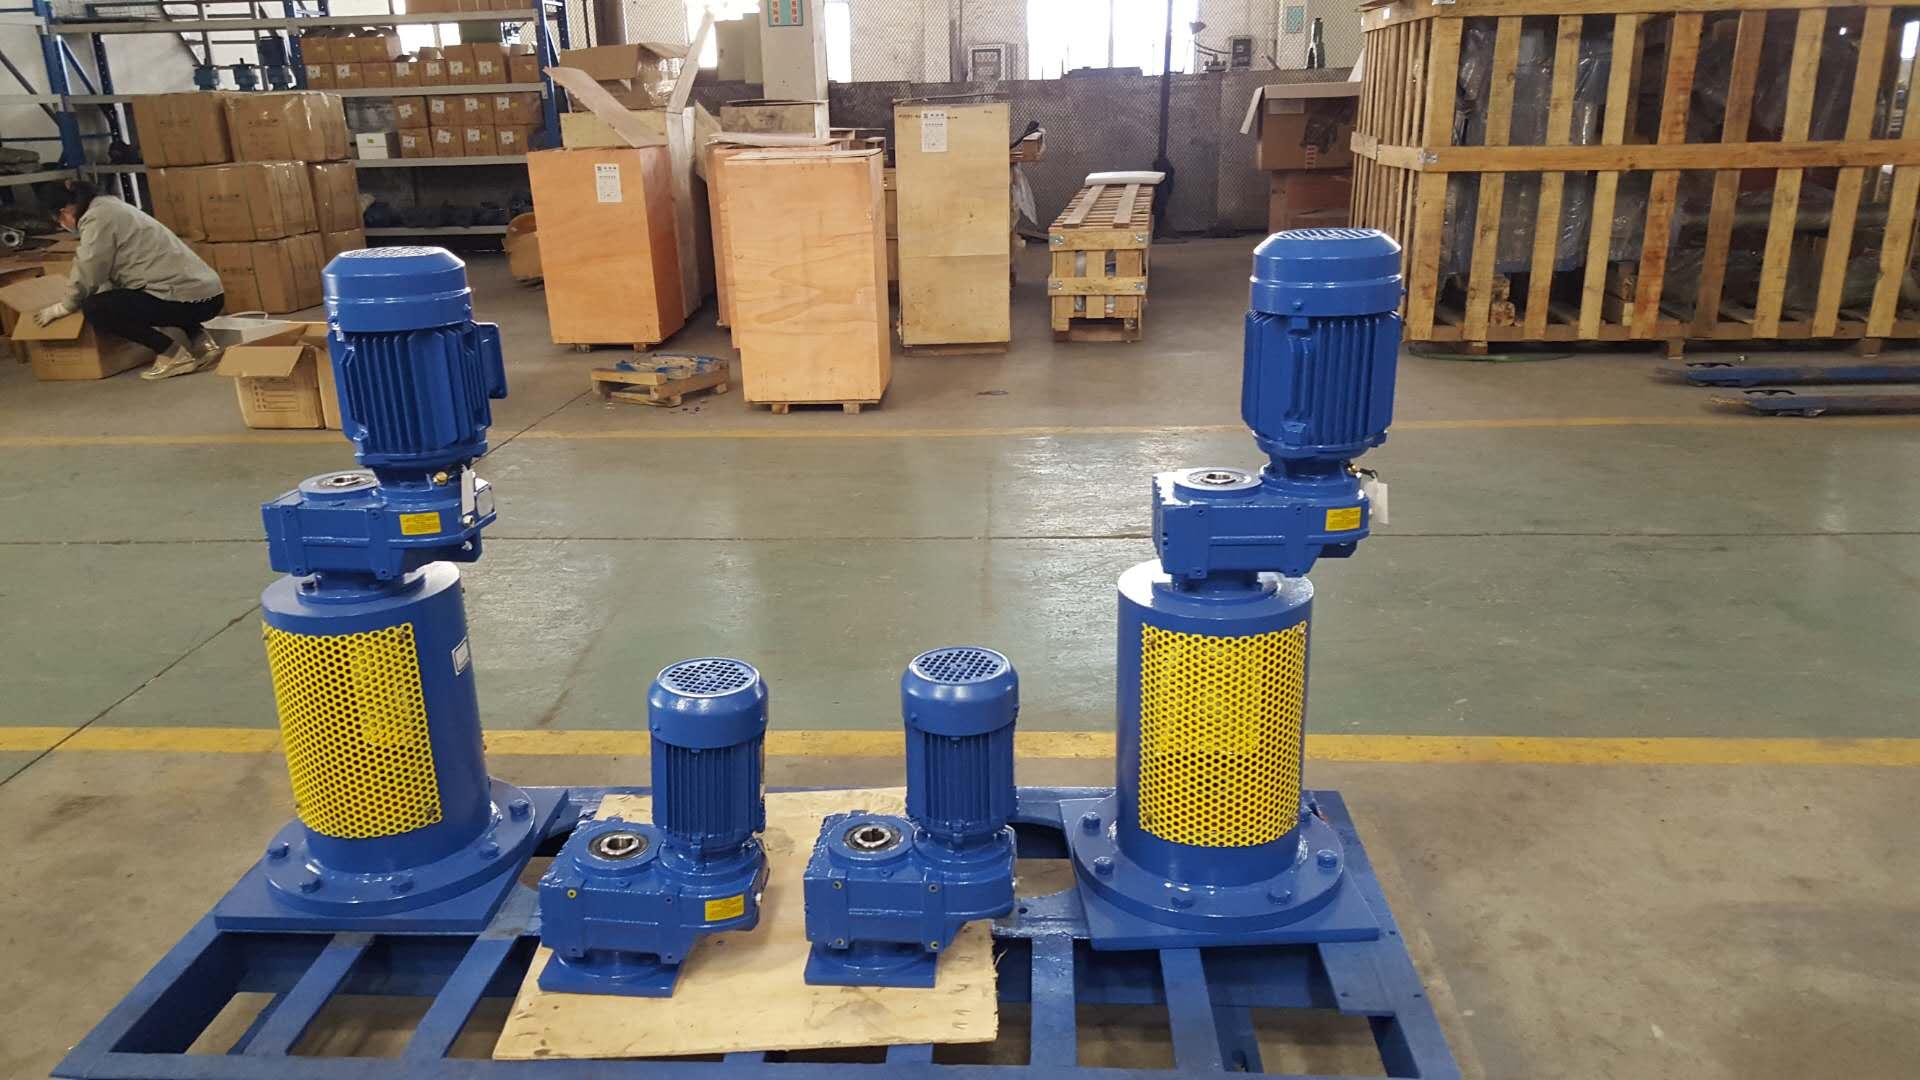 昆山攪拌機專業供應商-輕便可夾式攪拌設備